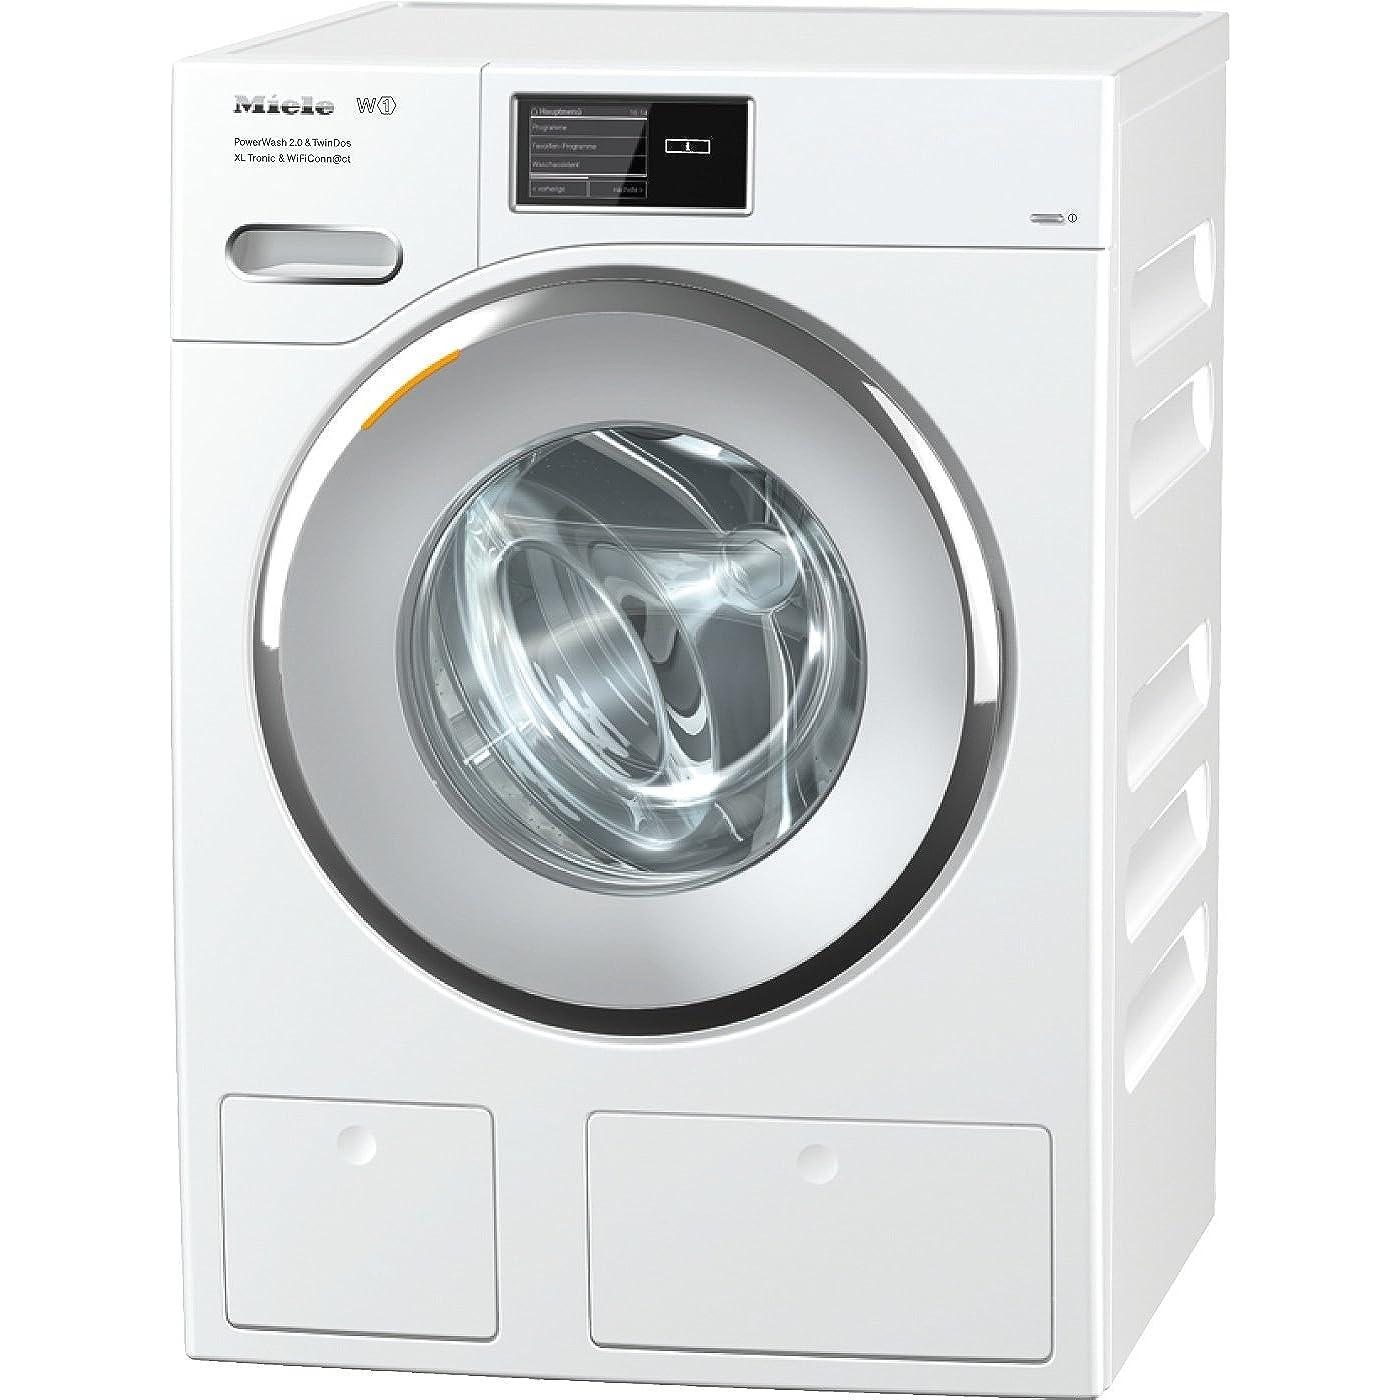 miele waschmaschine test die besten modelle f r 2018 im vergleich. Black Bedroom Furniture Sets. Home Design Ideas